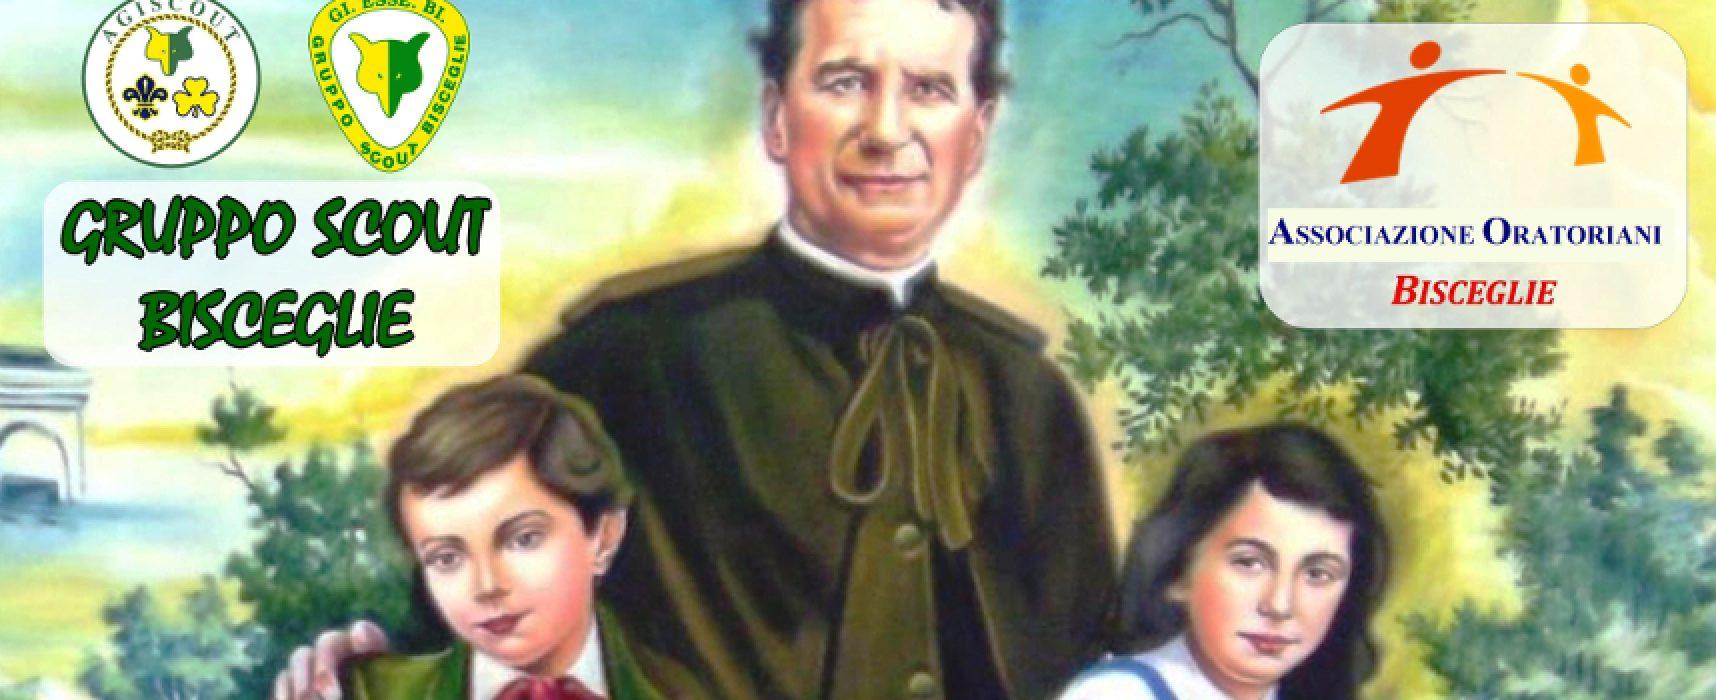 L'Agiscout e l'Associazione Oratoriani festeggiano il restauro della statua di don Bosco